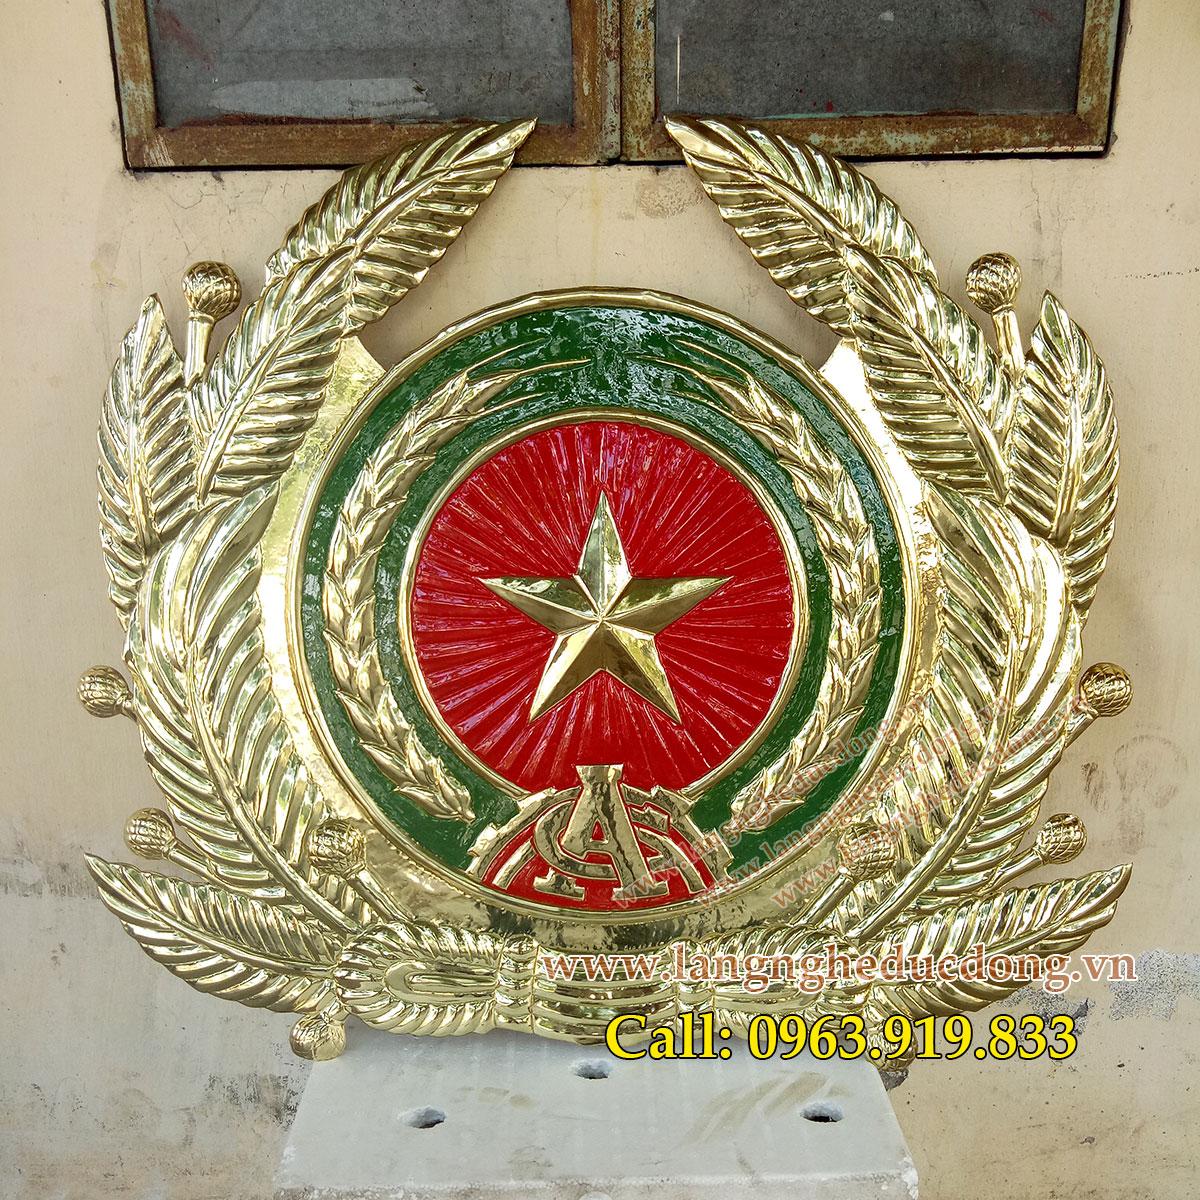 langngheducdong.vn - chế tác huy hiệu công an, quốc huy, logo ngành bằng đồng